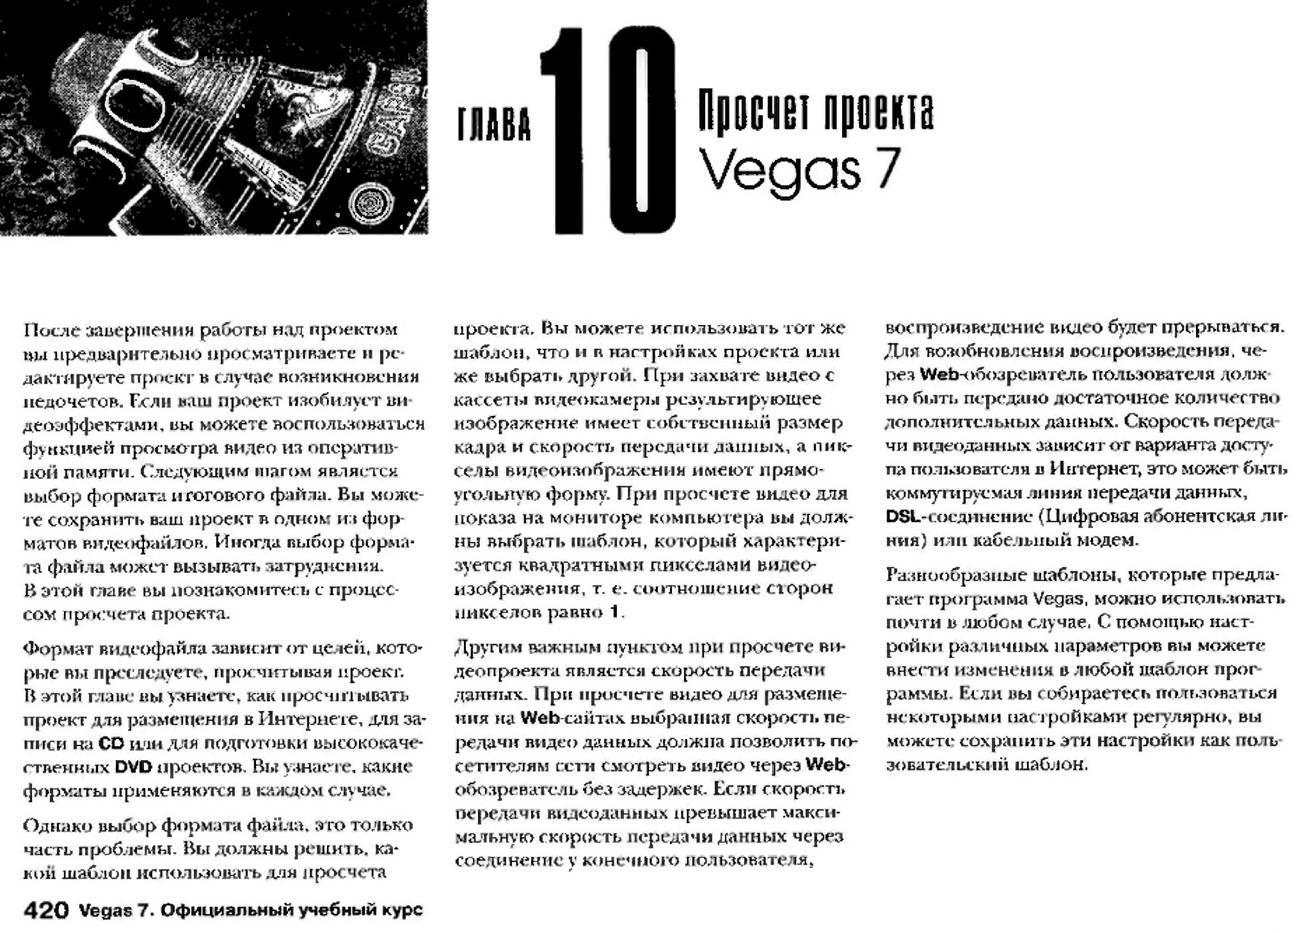 http://redaktori-uroki.3dn.ru/_ph/12/416965352.jpg